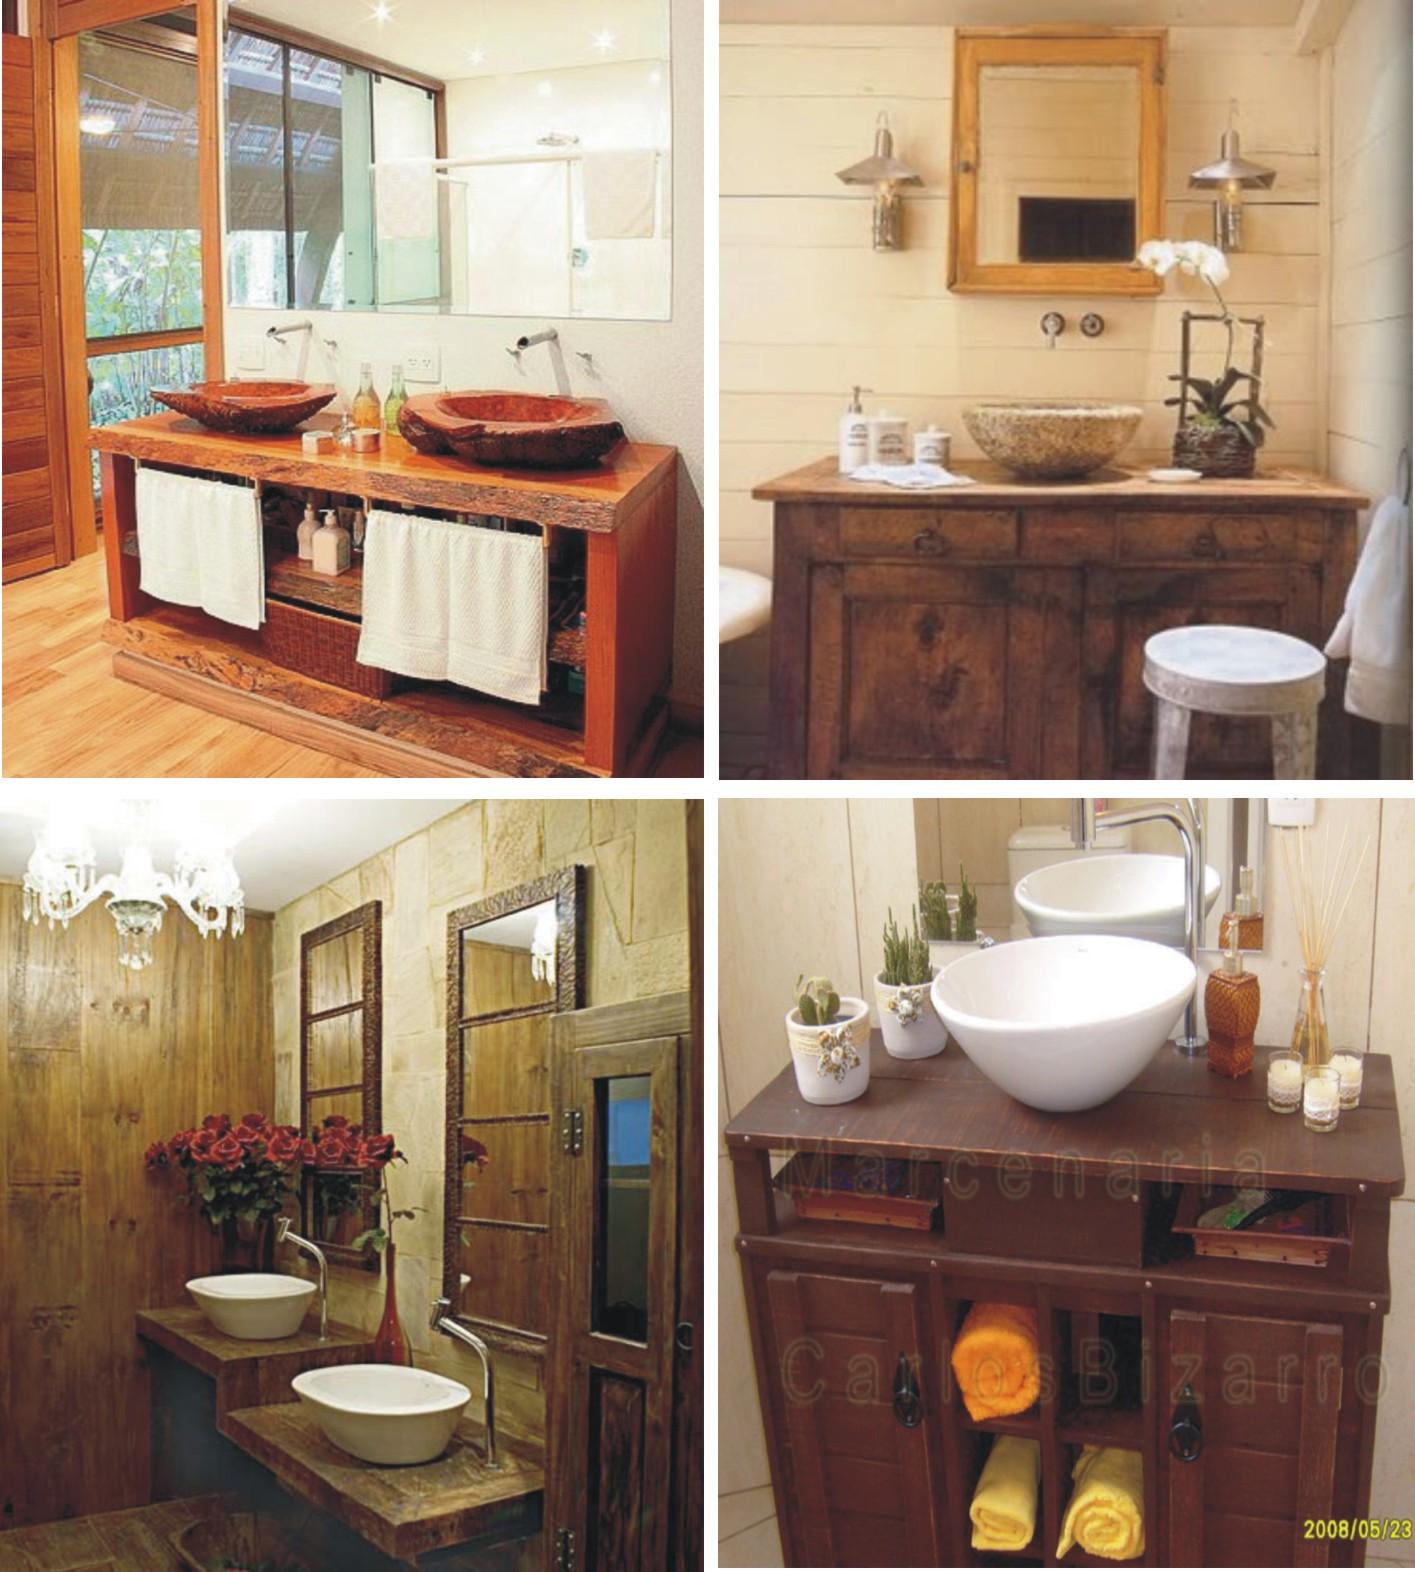 Bella Regazza Decor Banheiro Rústico -> Pia De Banheiro Rustica